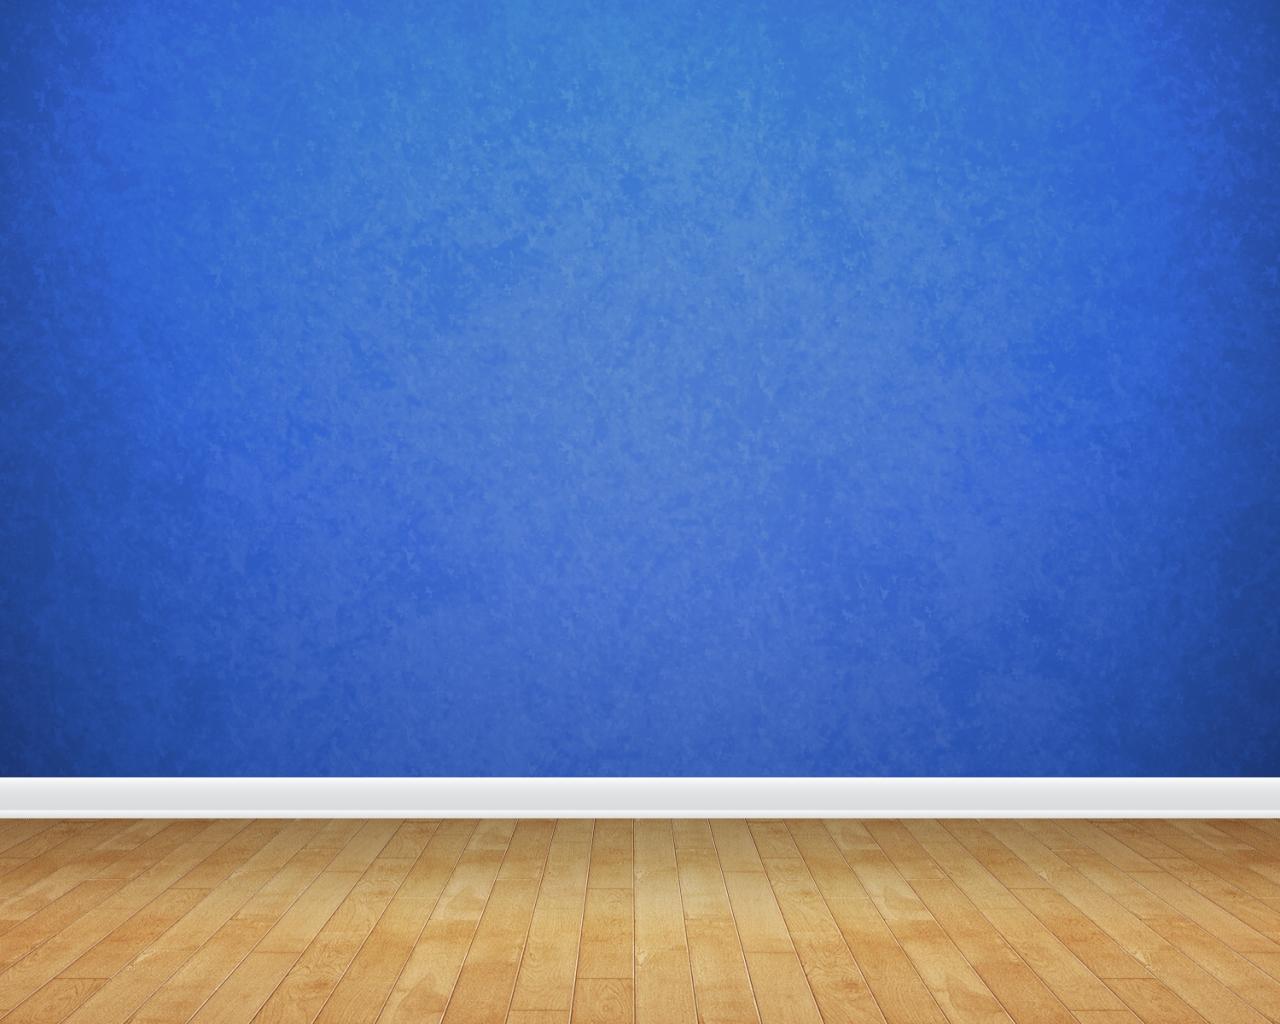 Textura de pared azul - 1280x1024